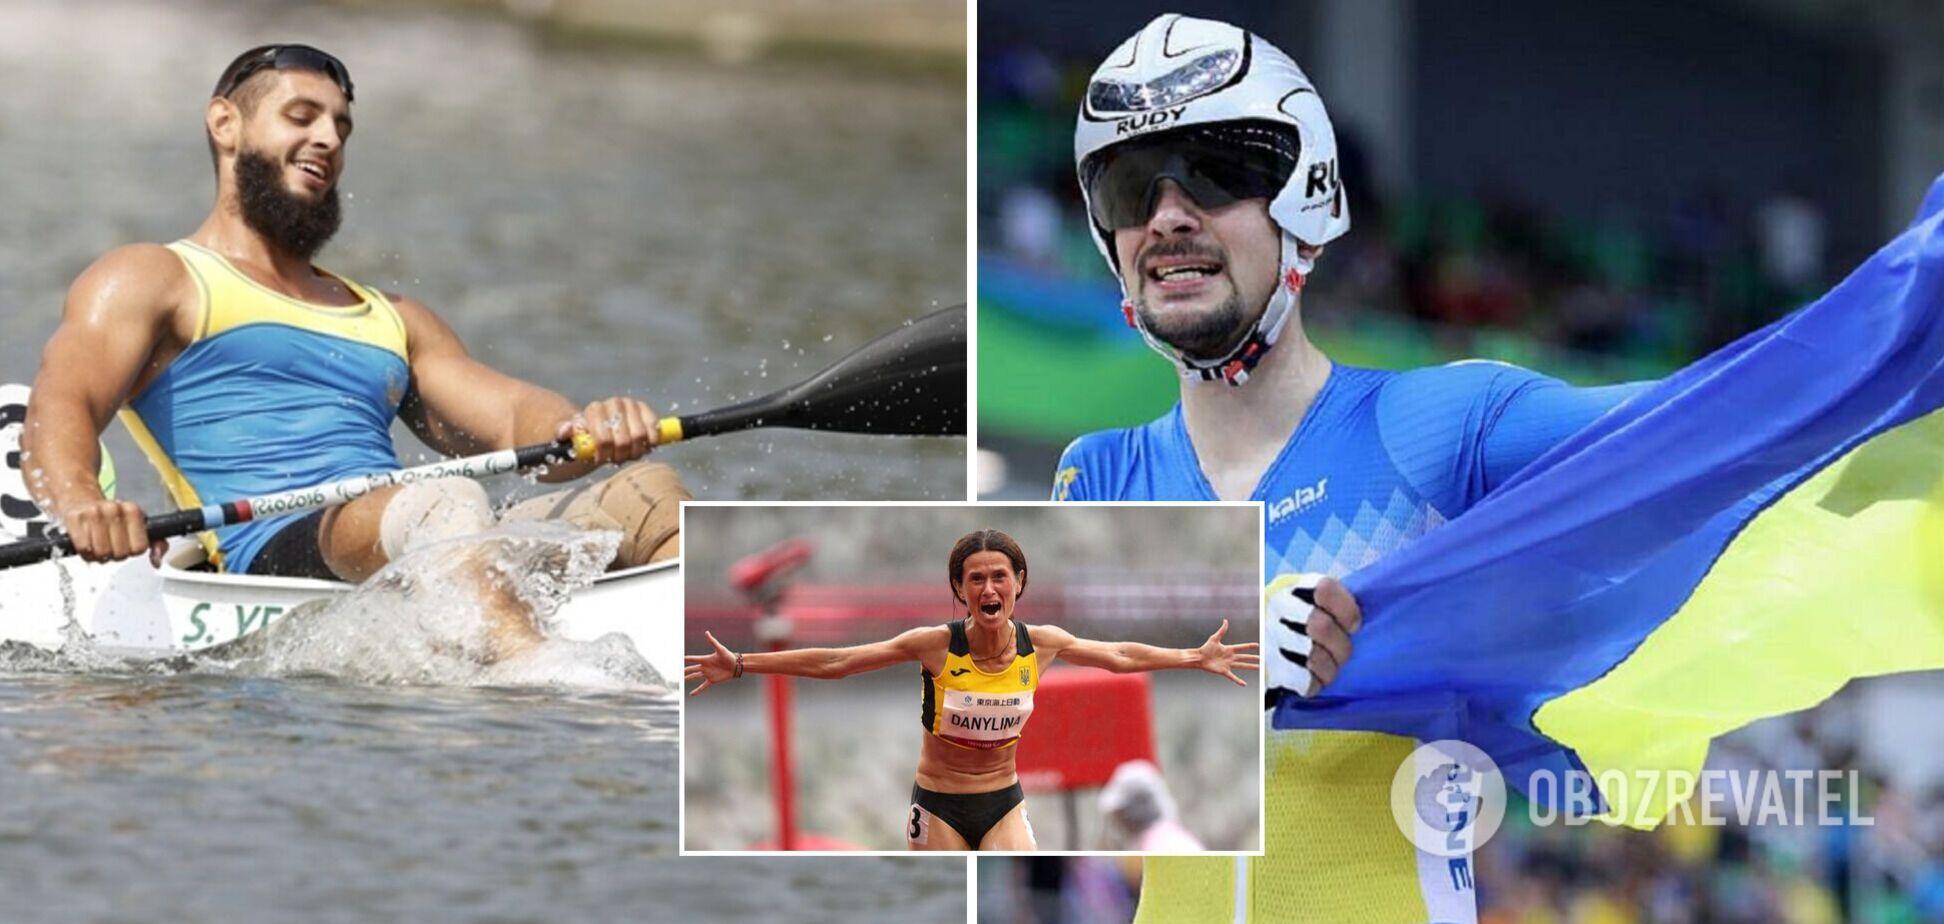 Україна завоювала п'ять медалей у ранковій сесії 3 вересня